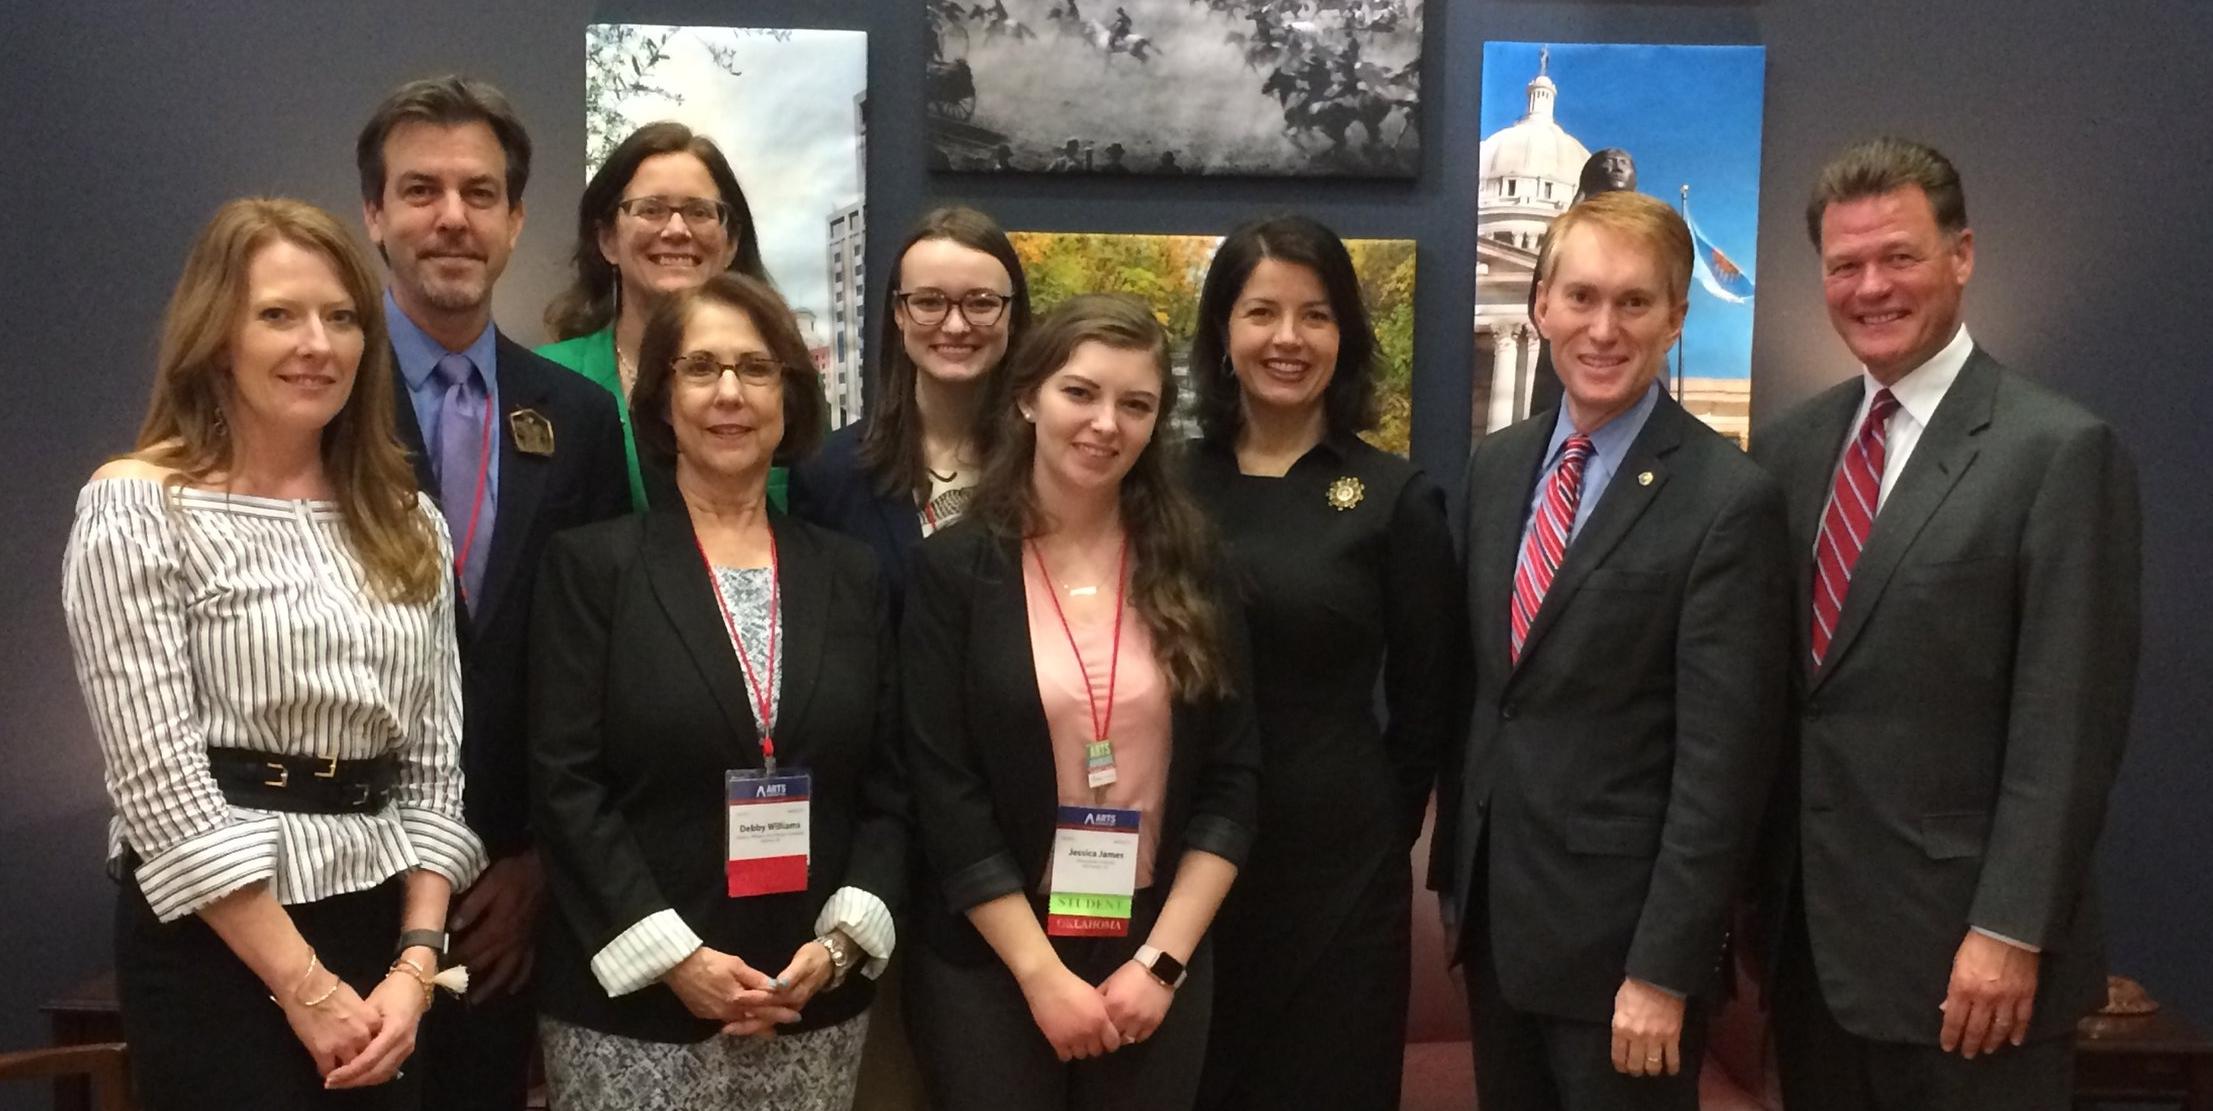 Oklahoma arts leaders met with Senator James Lankford.